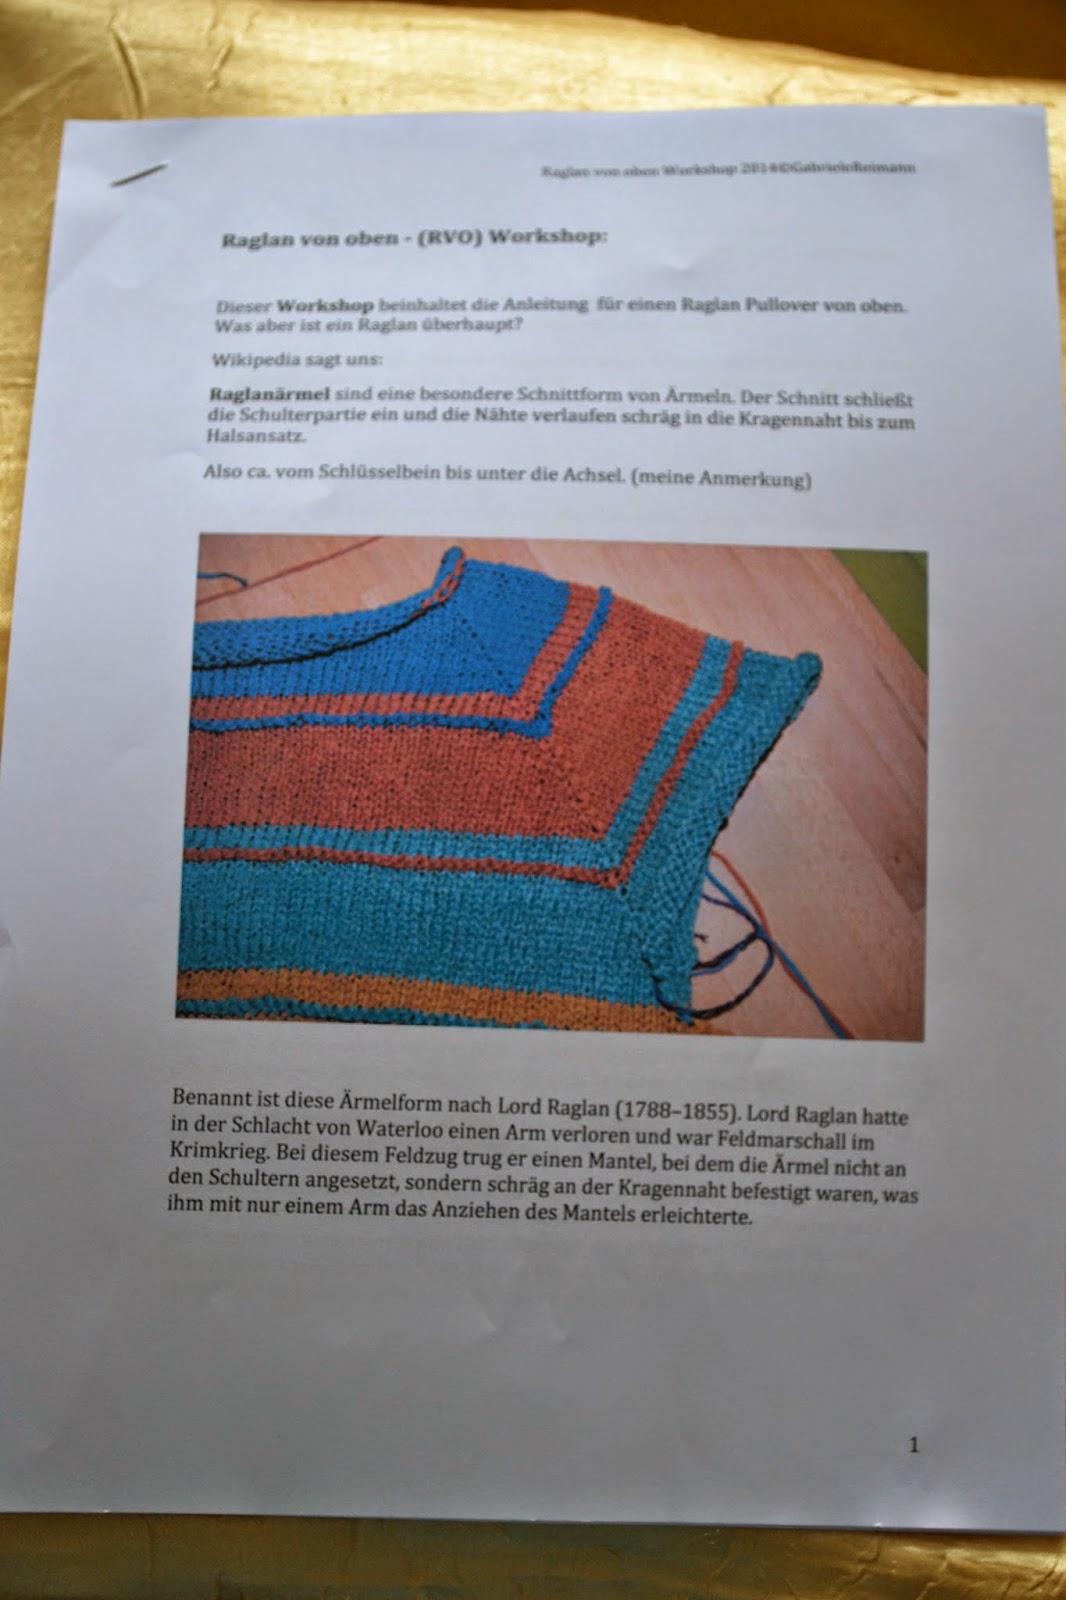 Tinas Woll Und Perlenecke Raglan Von Oben Rvo